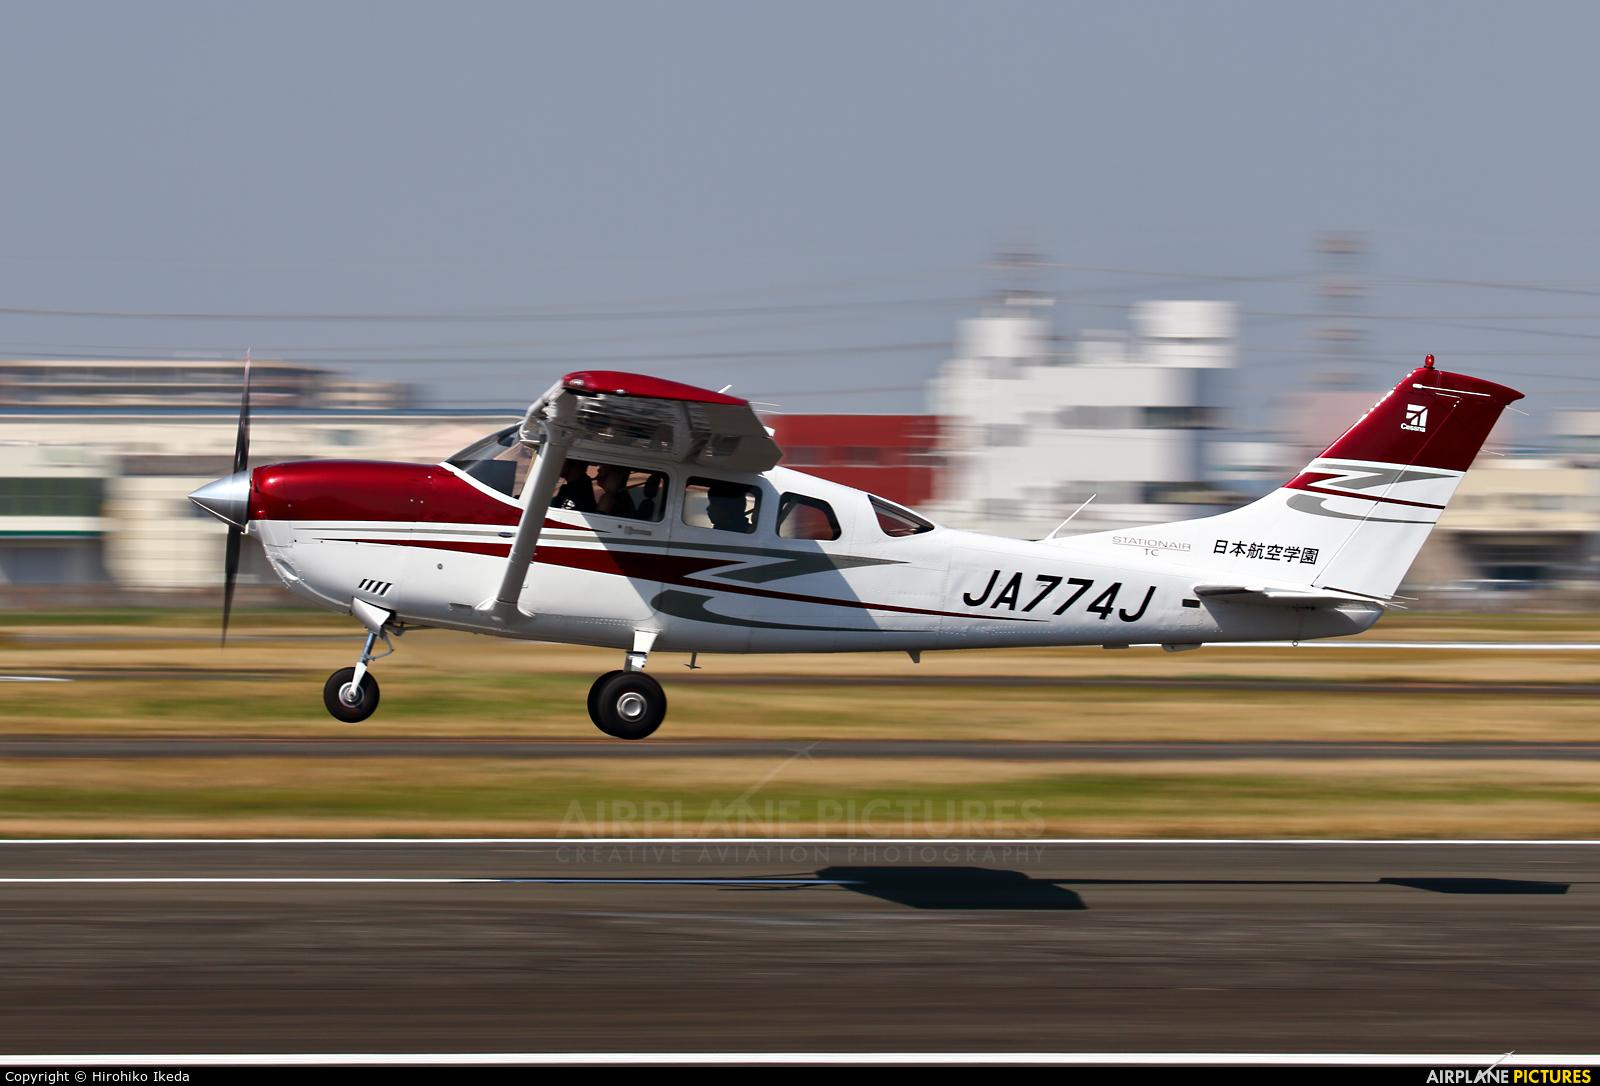 JA774J aircraft at Yao